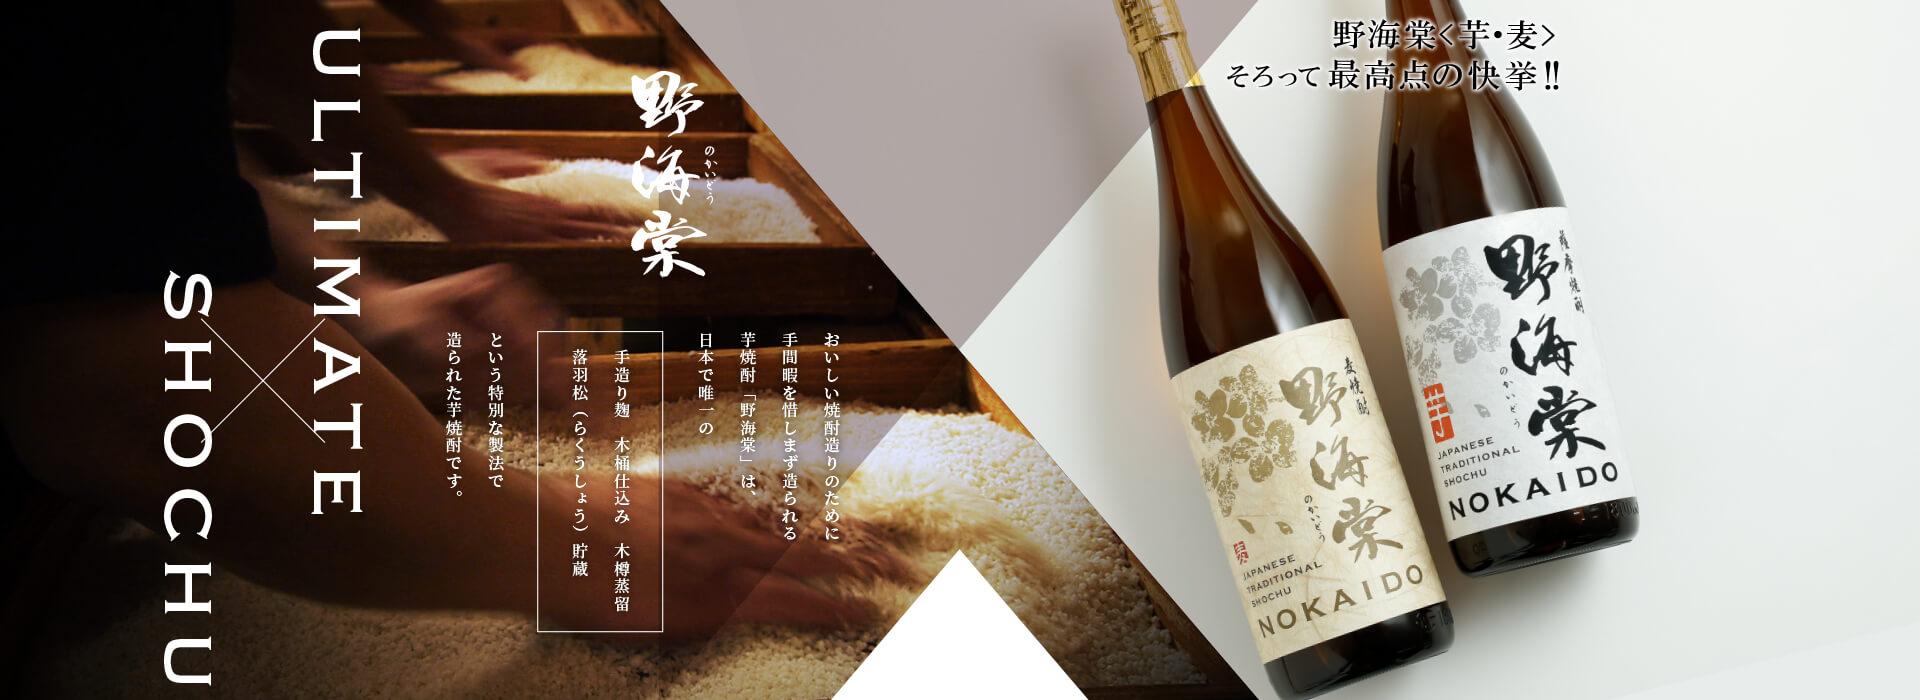 おいしい焼酎造りのために手間暇を惜しまず造られる芋焼酎「野海棠」は、日本で唯一の手造り麹 木桶仕込み 木樽蒸留落羽松(らくうしょう)貯蔵という特別な製法で造られた芋焼酎です。